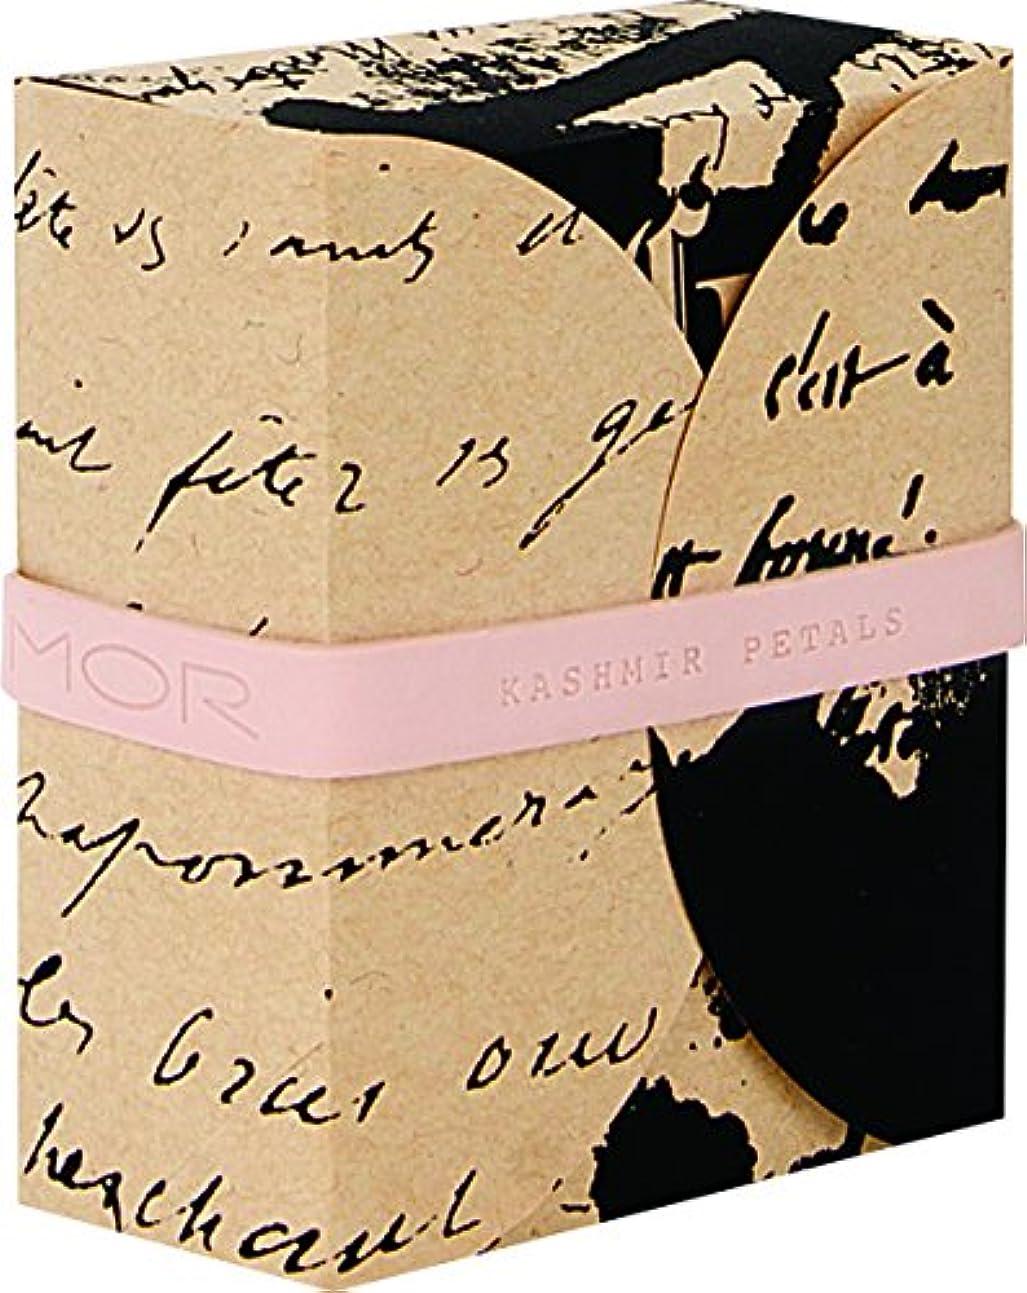 仕方論争の的風味MOR(モア) コレスポンデンス トリプルミルドソープバー カシミアペタルズ 180g